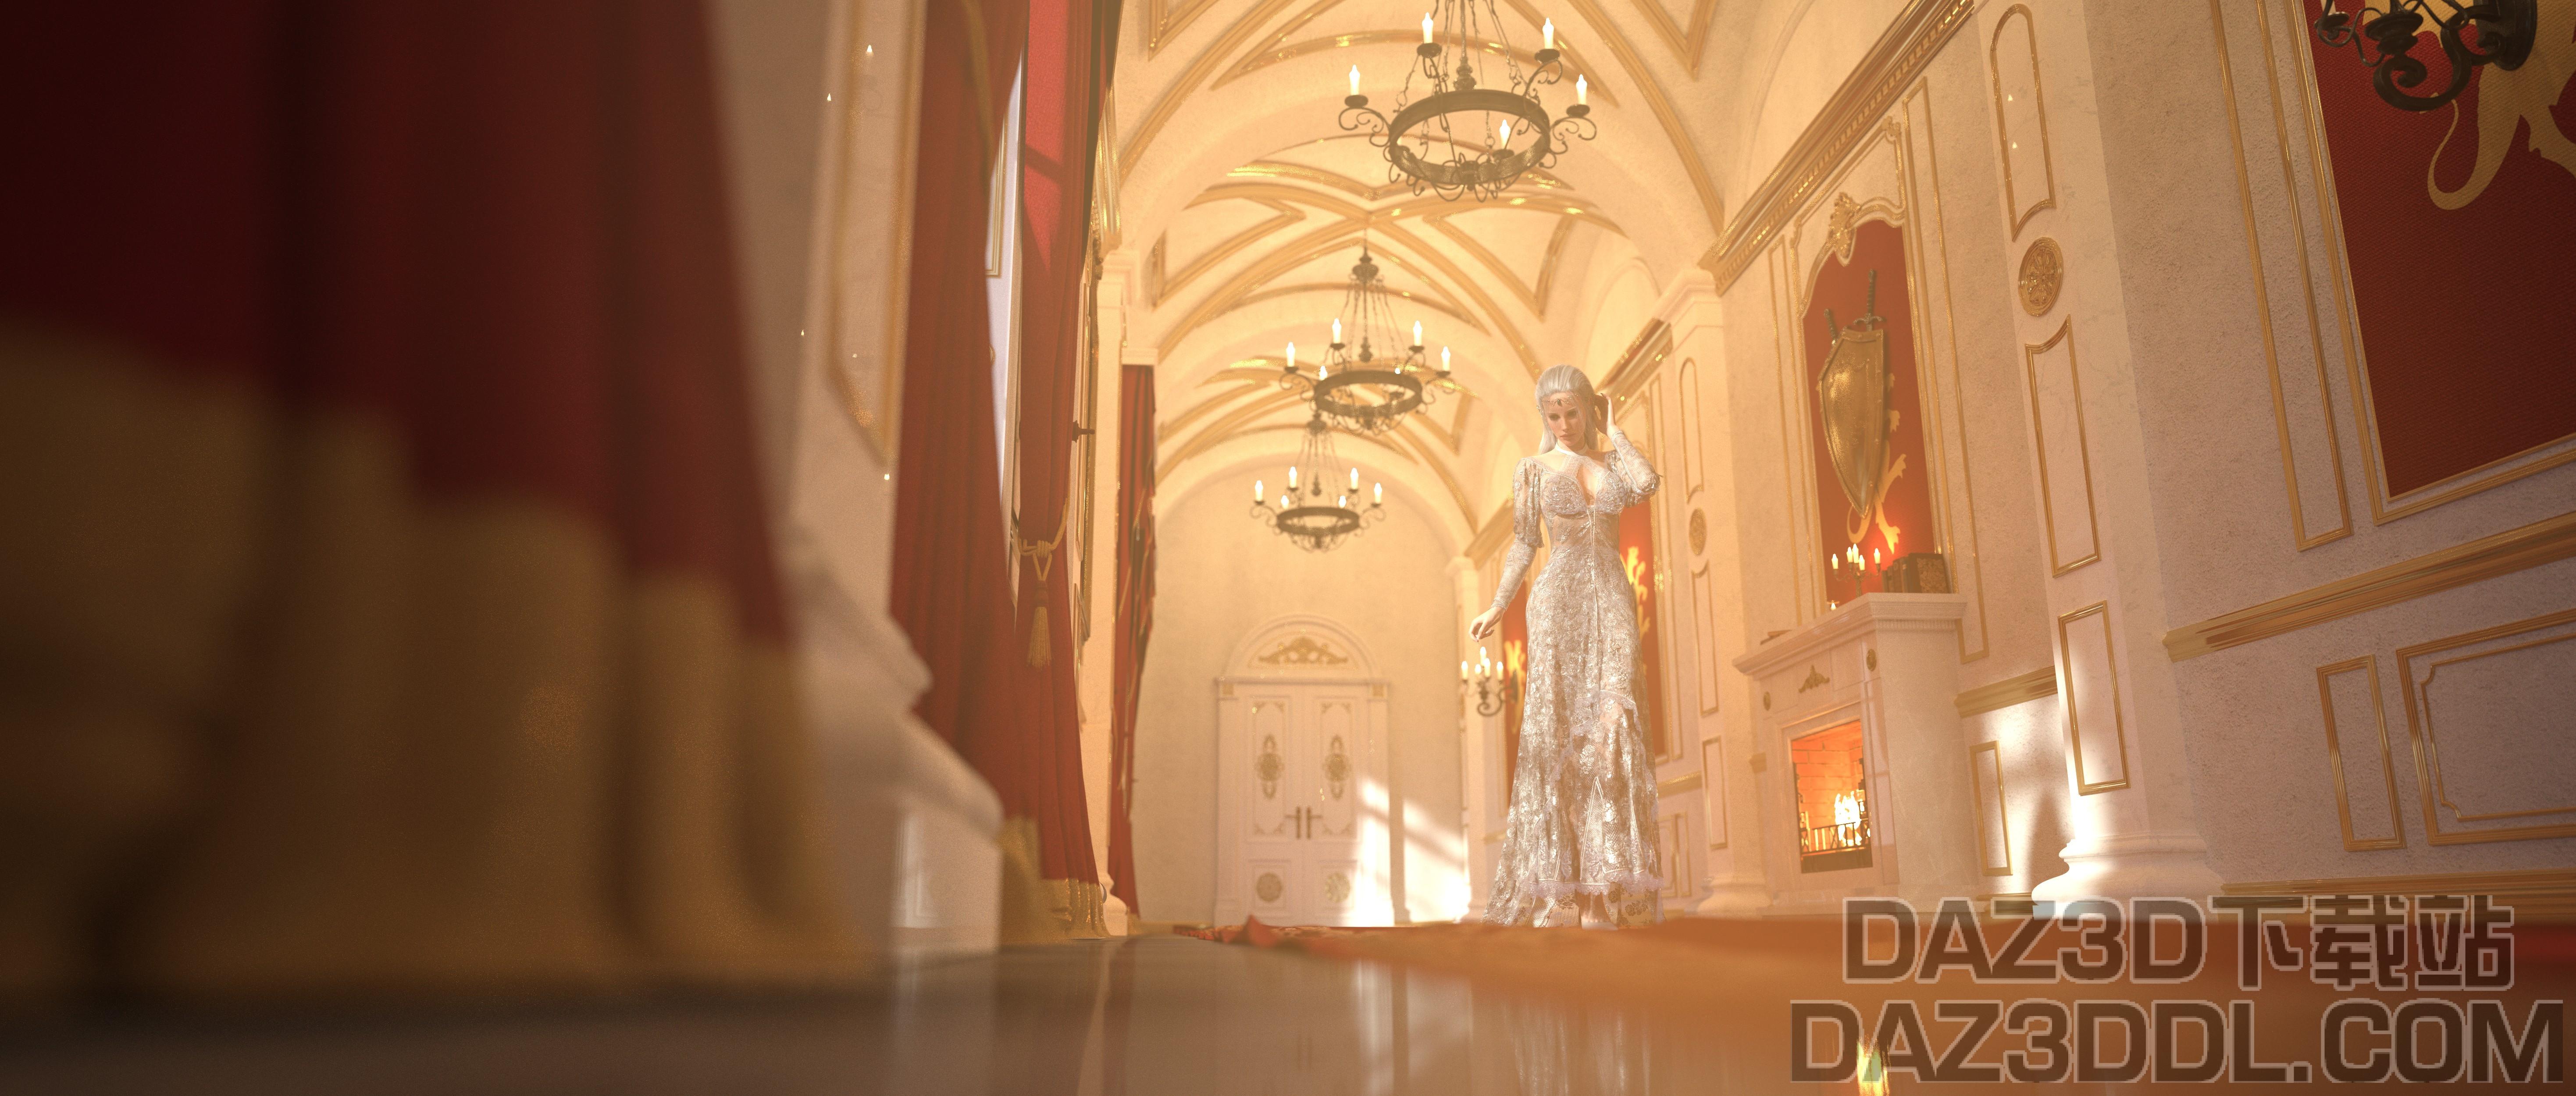 阿尔文公主2(1).jpg